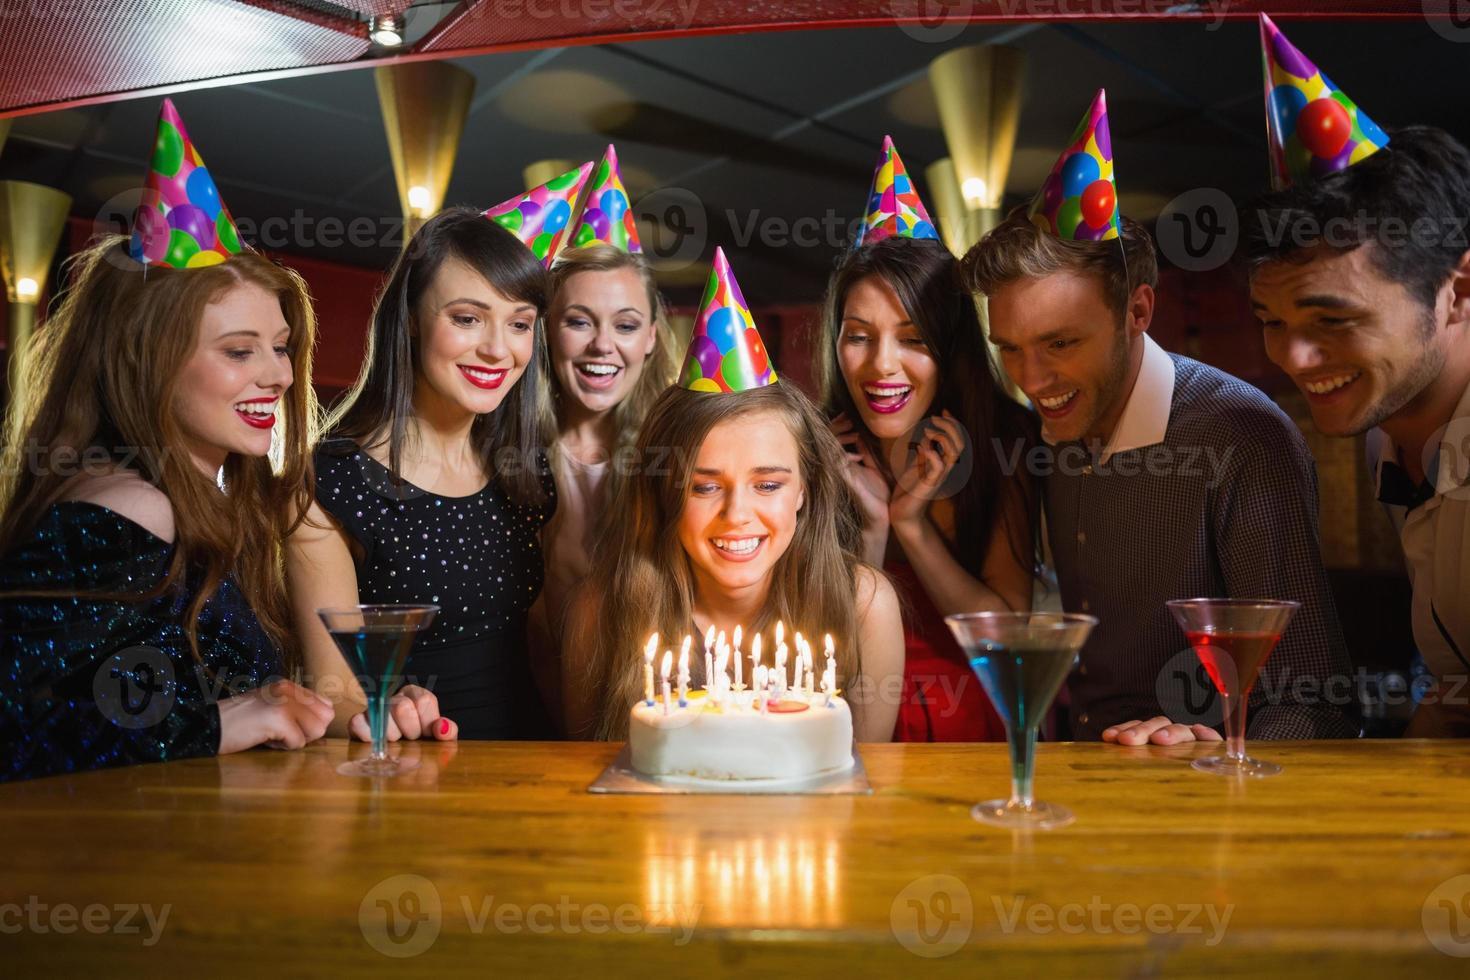 vänner firar födelsedag tillsammans foto